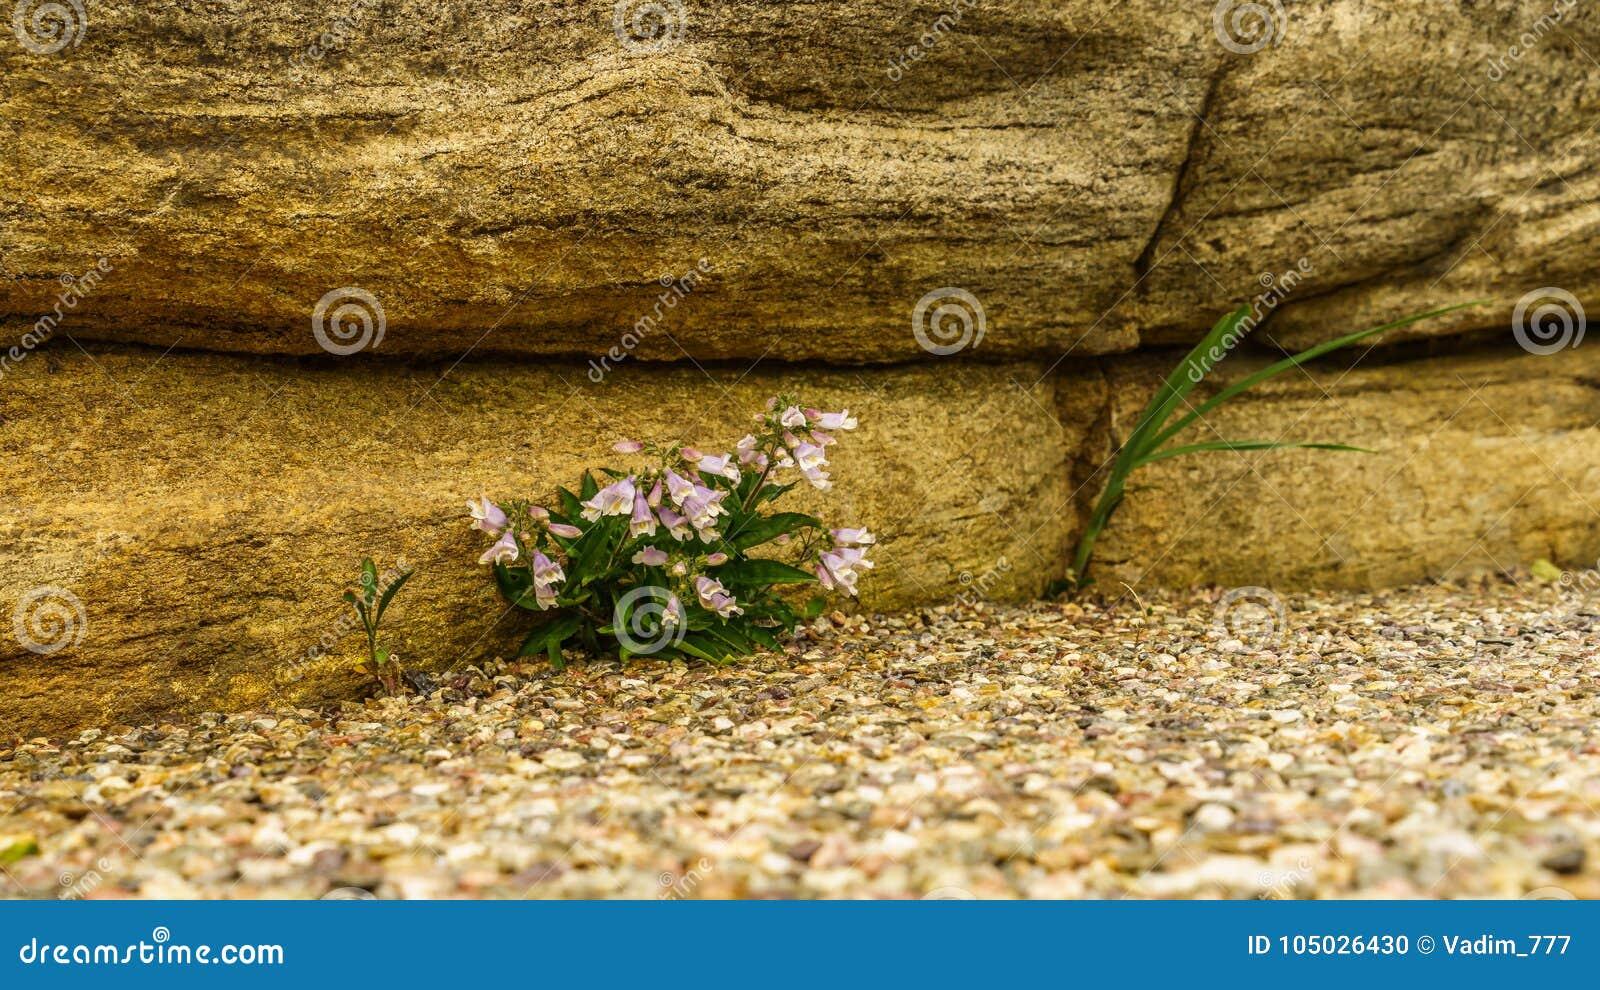 New York Botanical Garden Bellflower Stock Photo - Image of ...